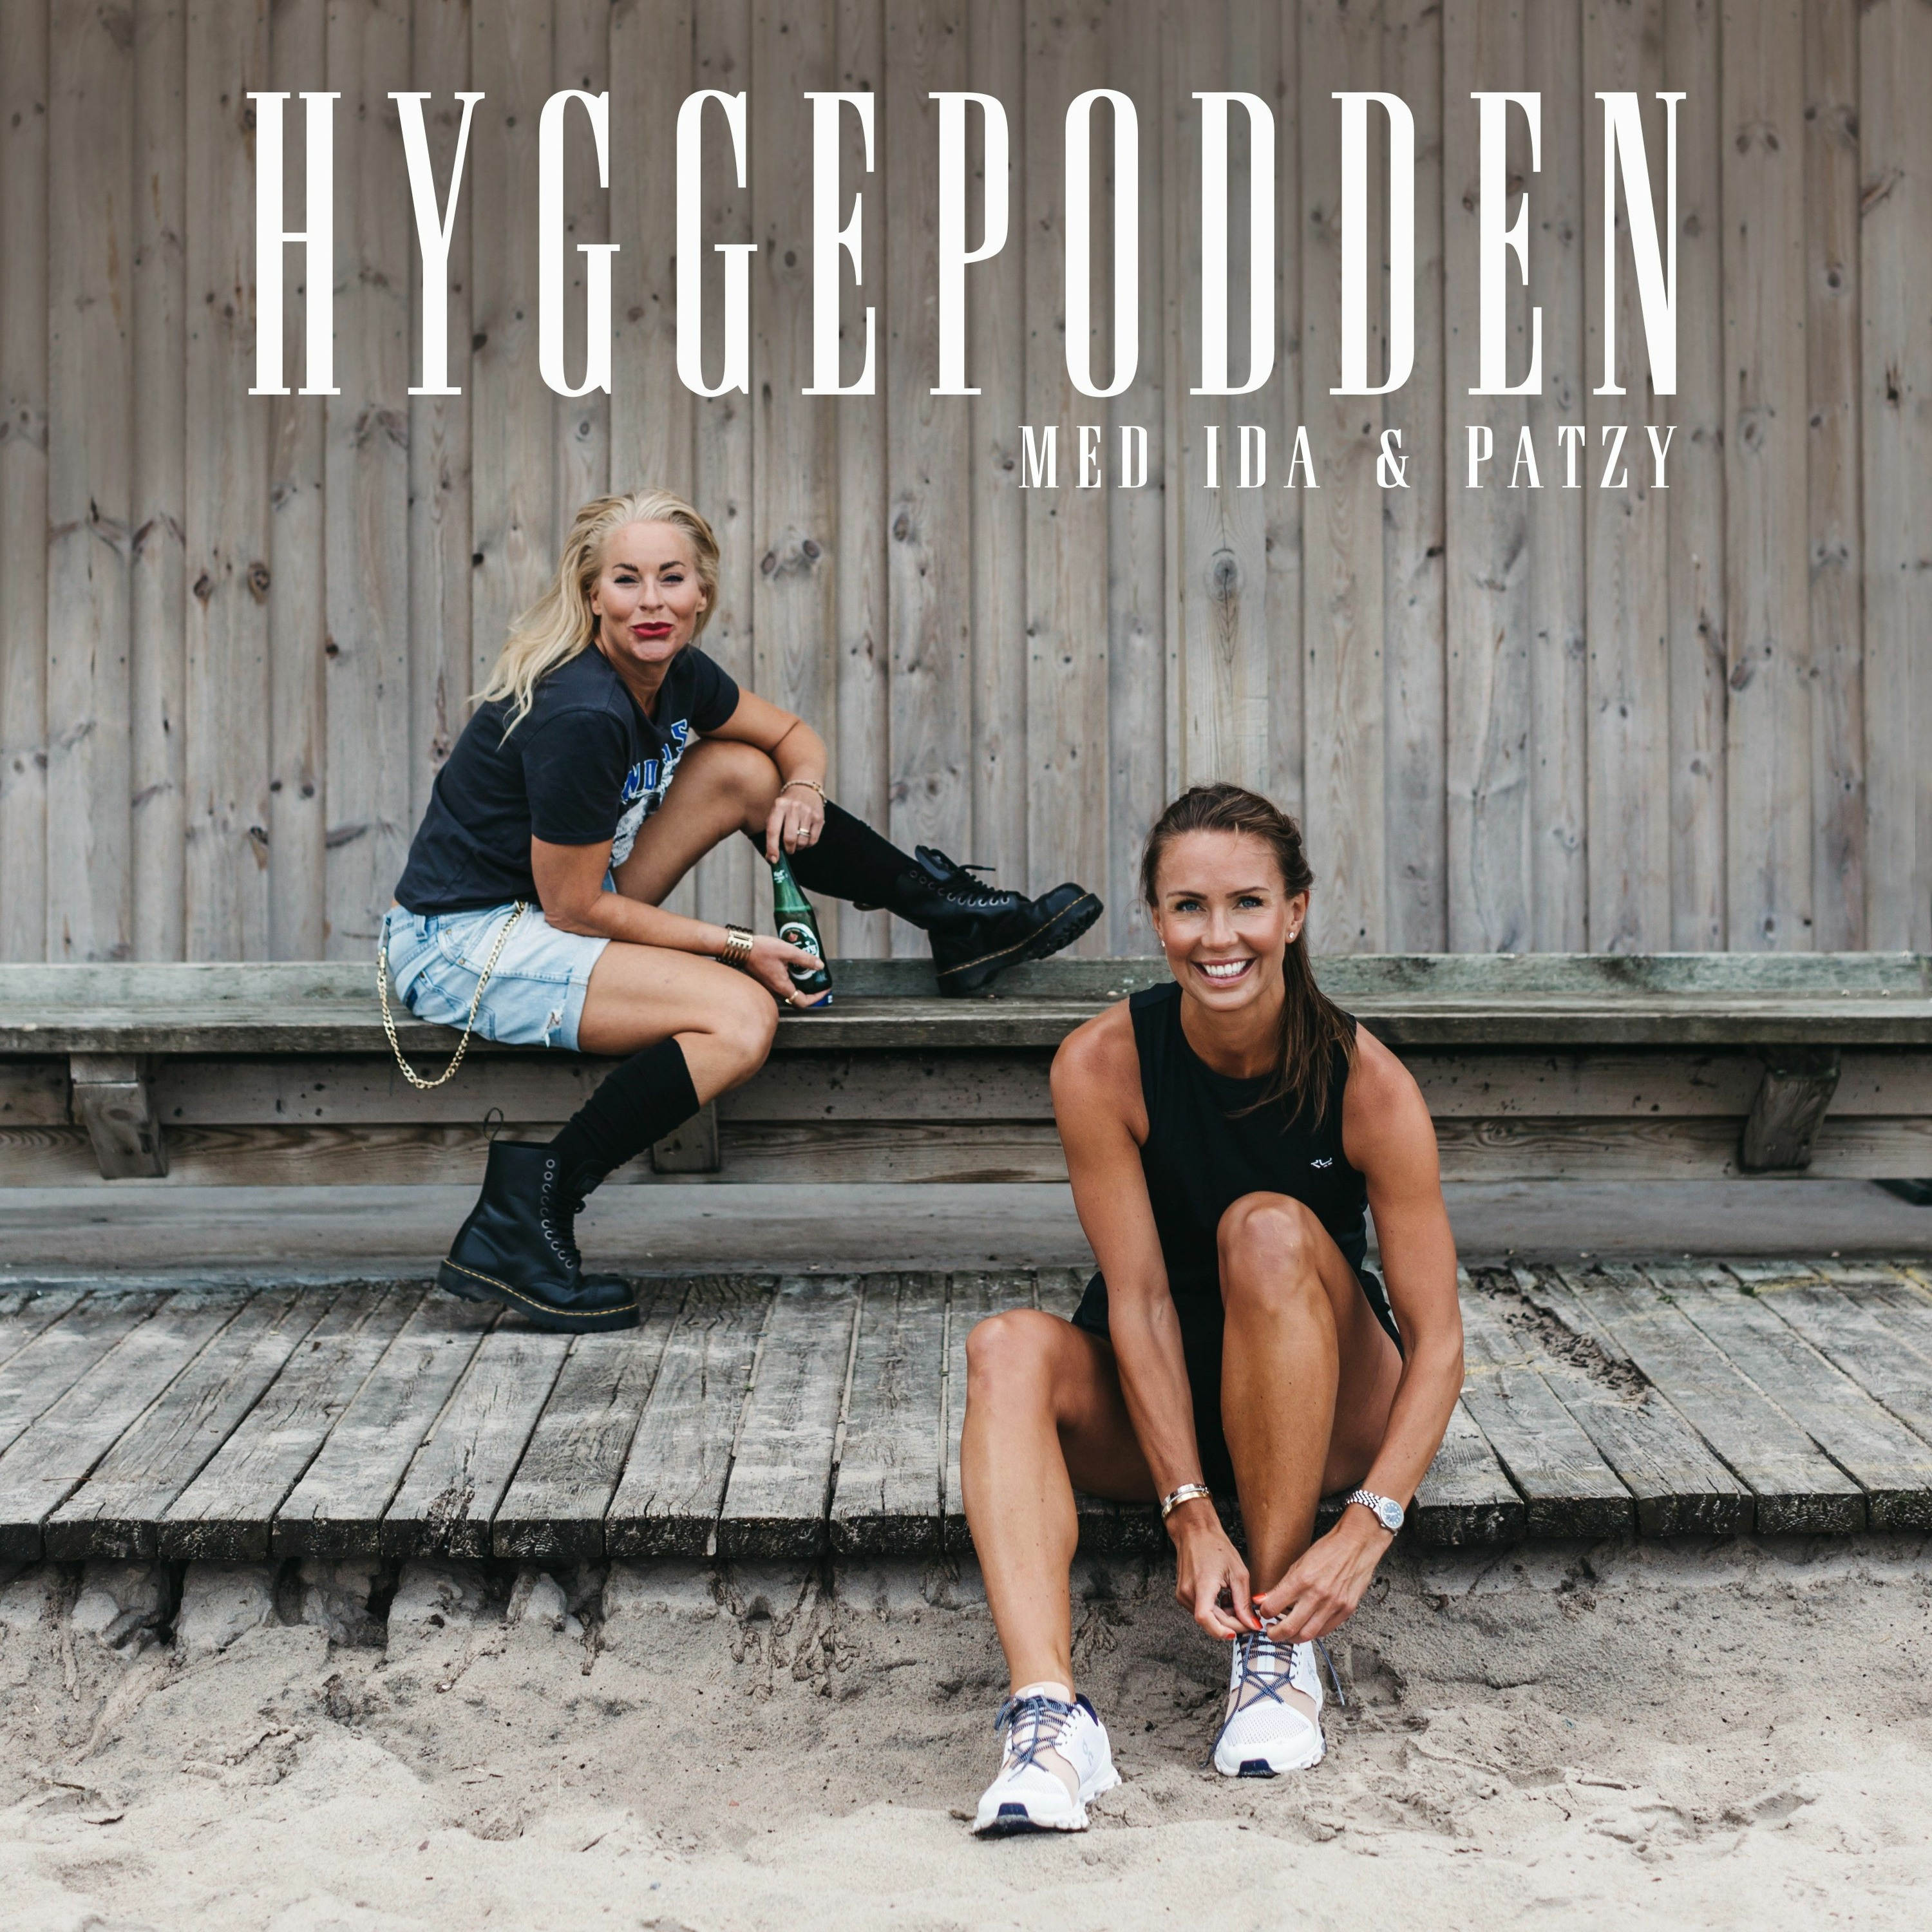 Hyggepodden 4